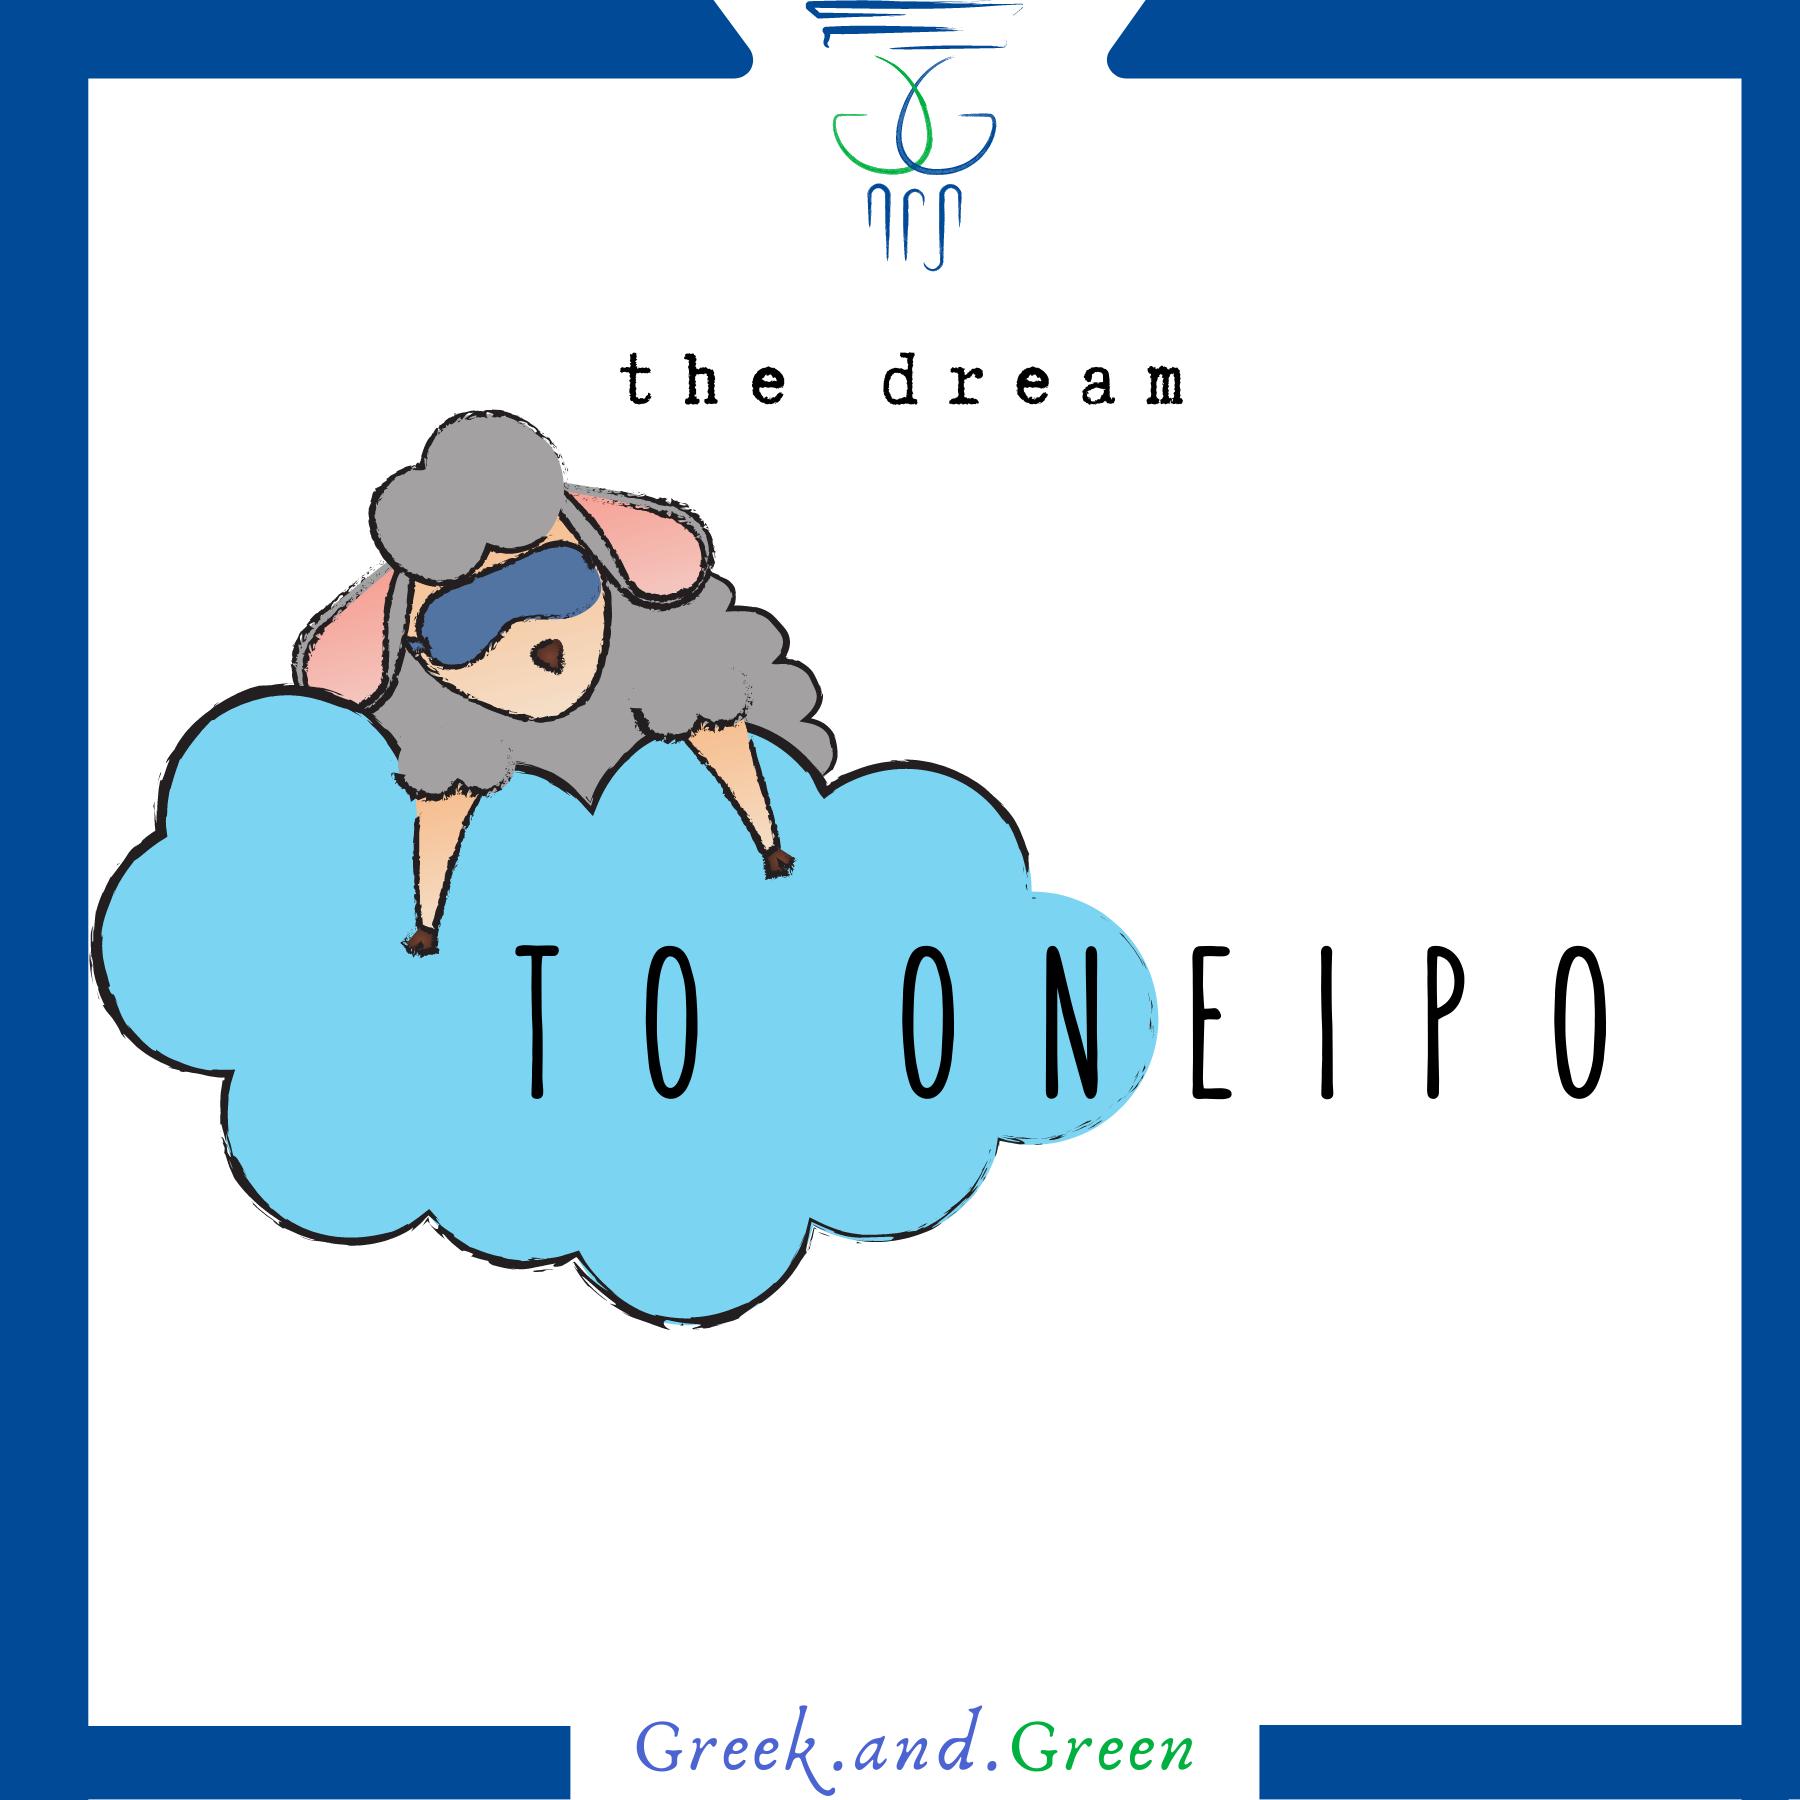 Το όνειρο ~ The dream